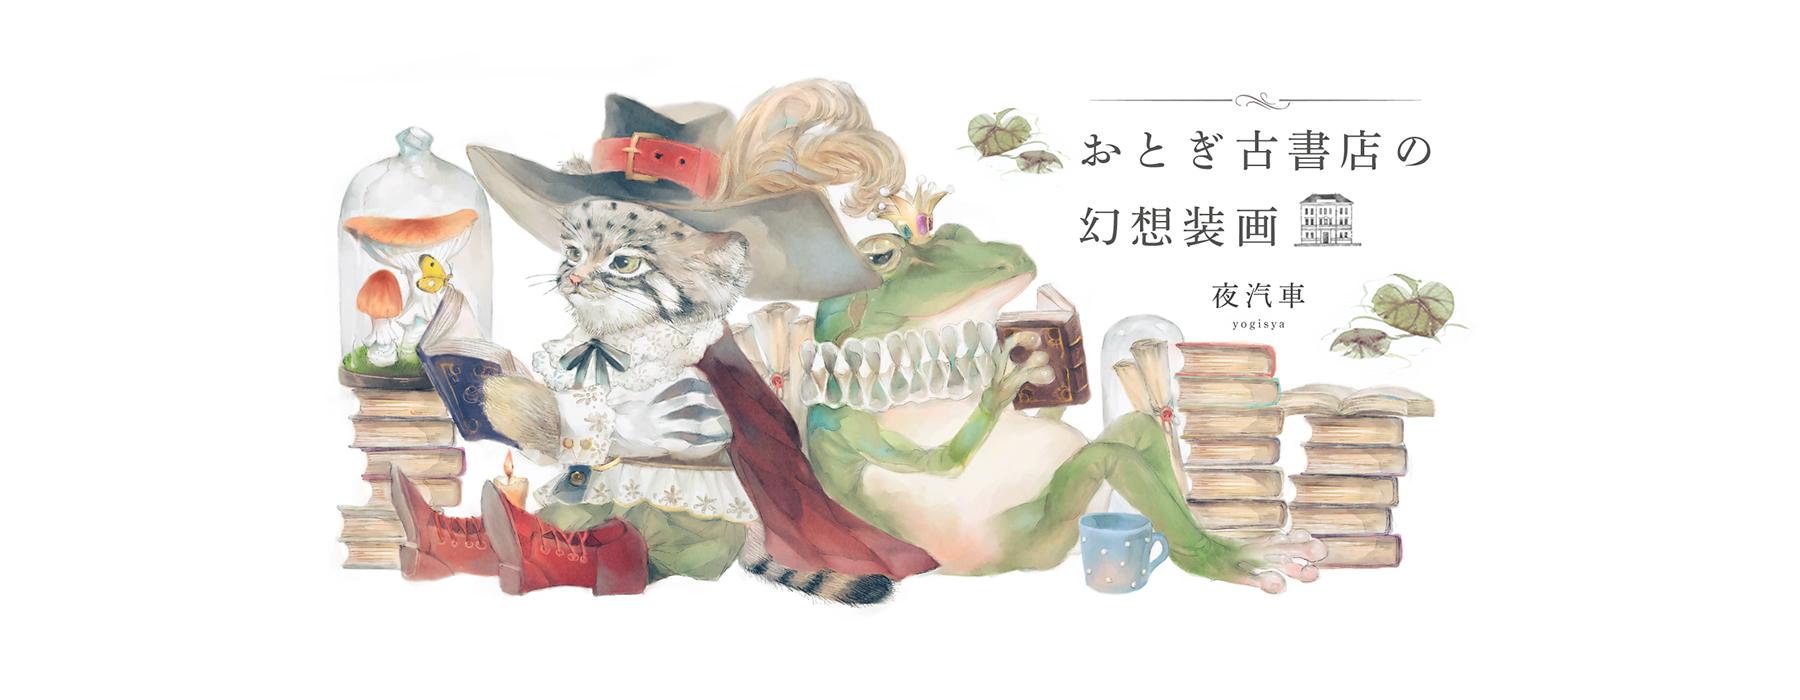 おとぎ古書店の幻想装画|夜汽車|PIE International